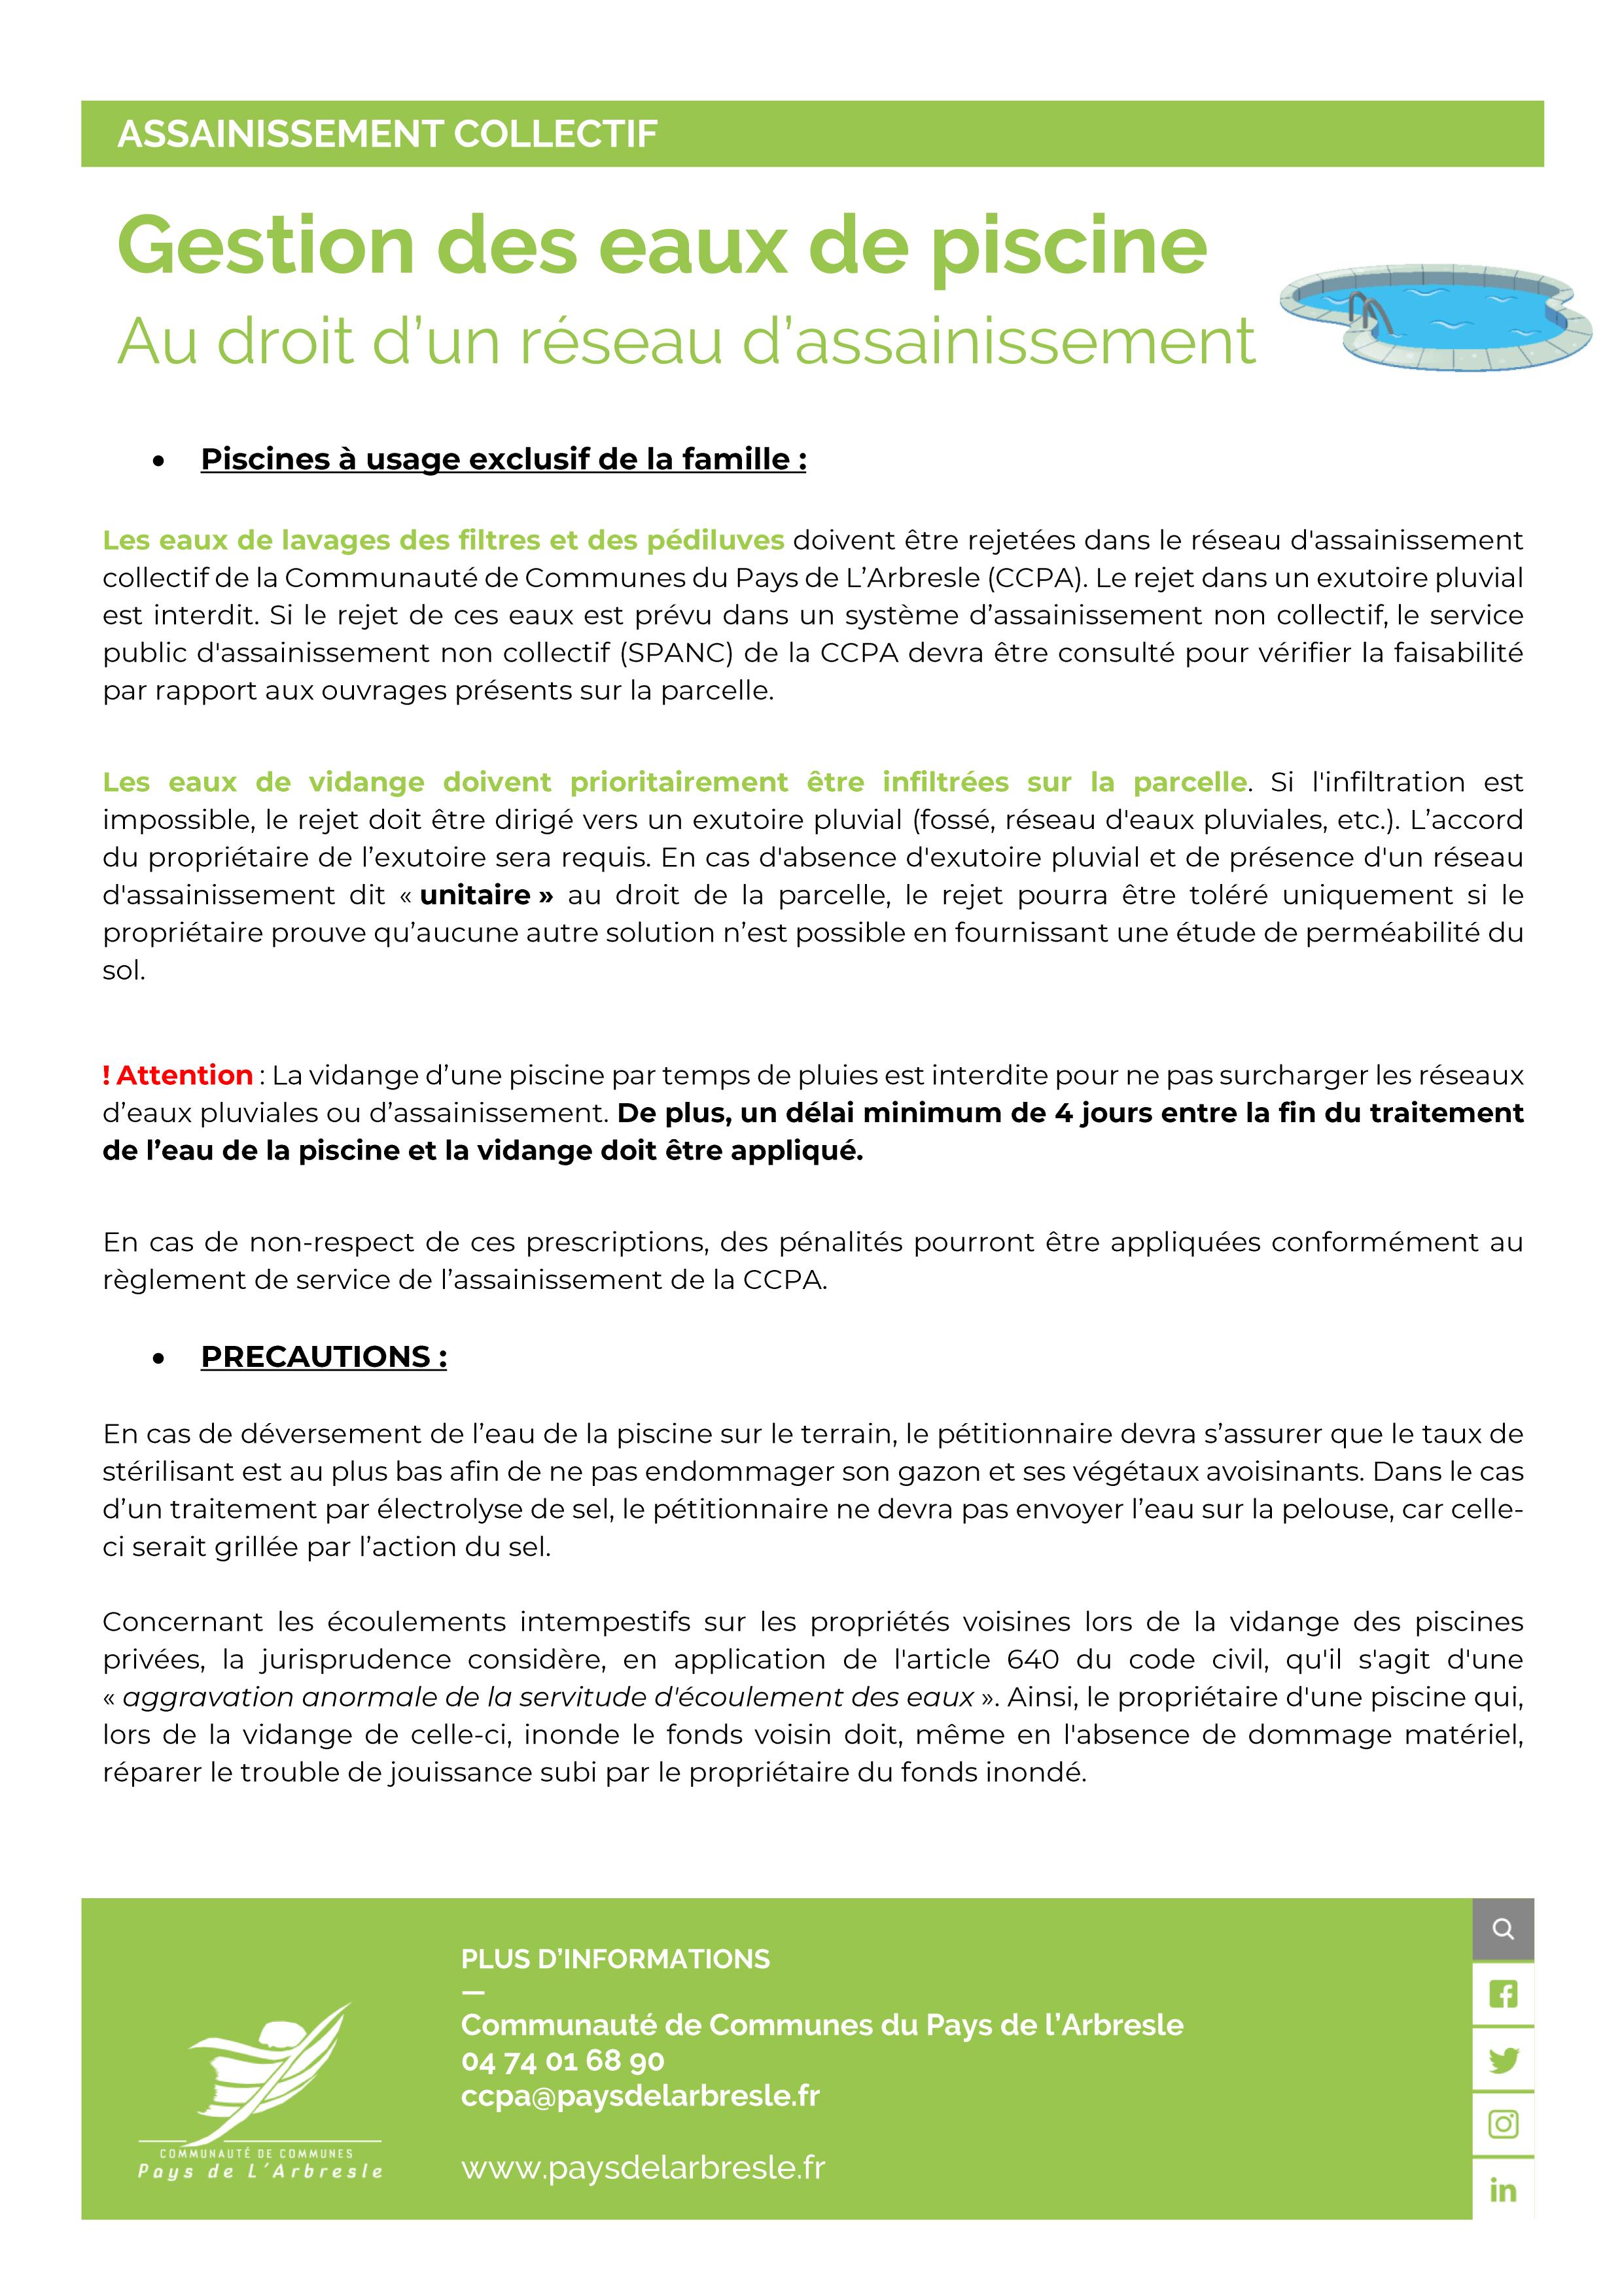 Article_gestion-eaux-piscine copier.jpg